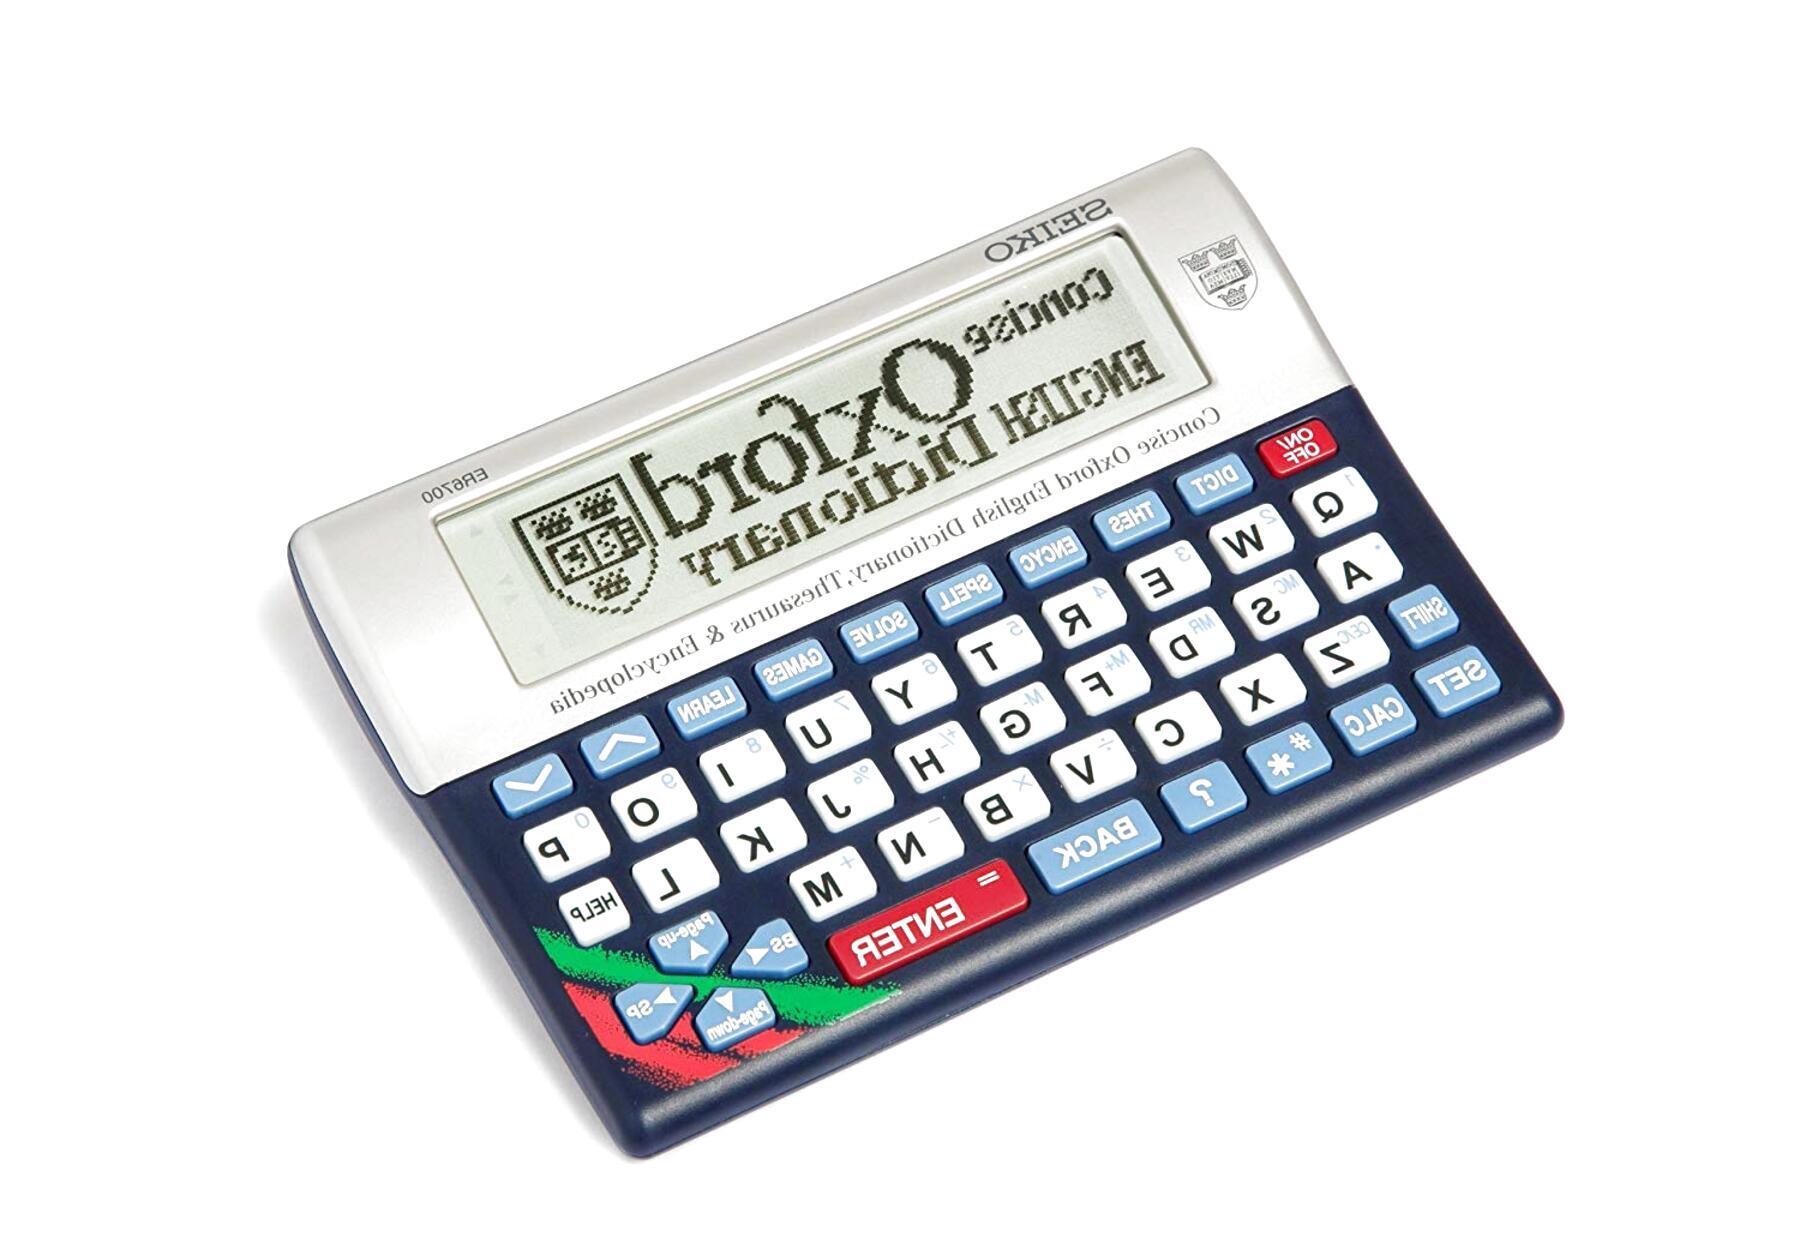 Seiko Concise Oxford Dictionary.